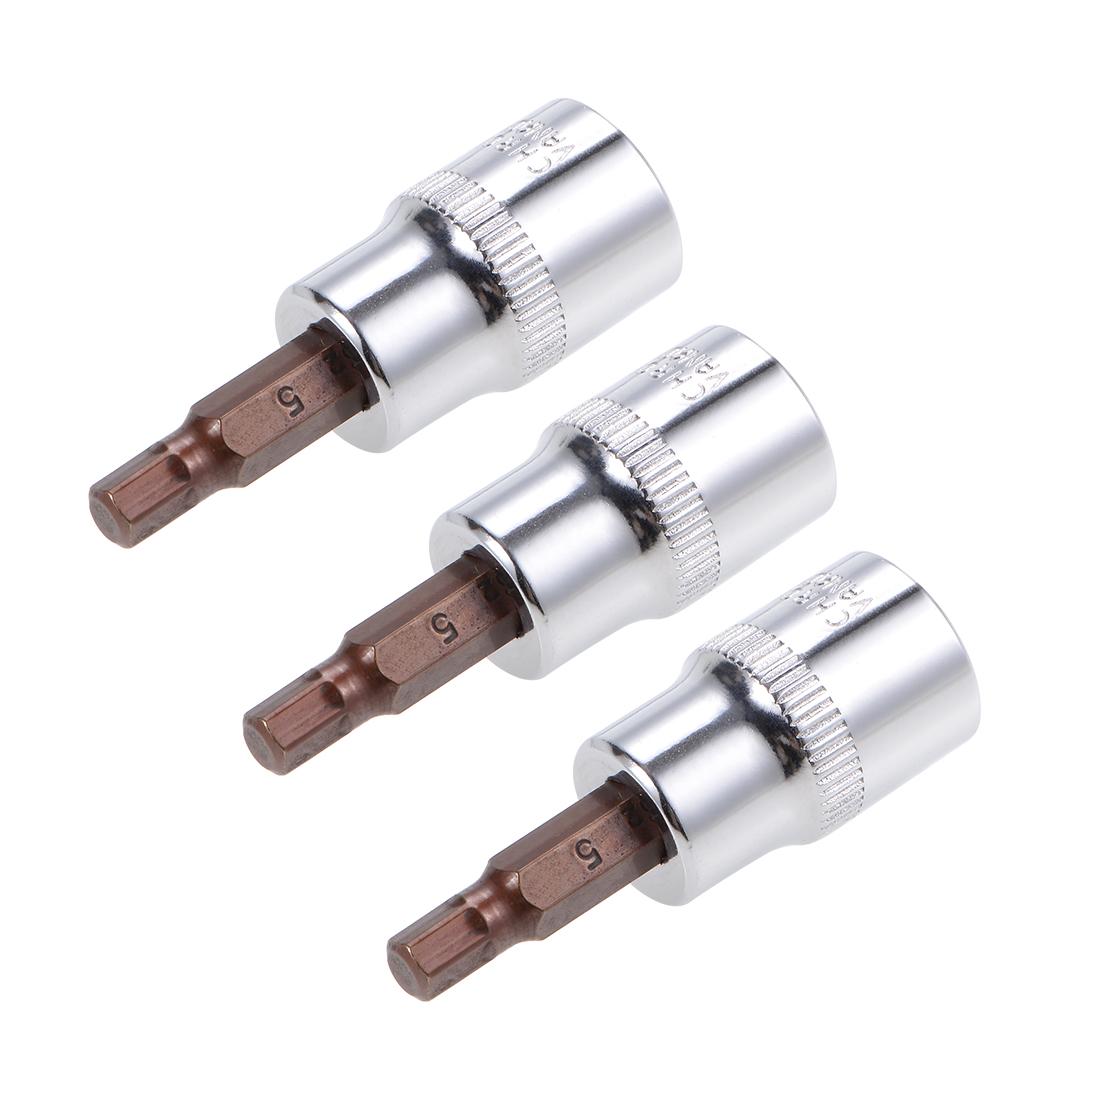 """3 Pcs 3/8"""" Drive x 5mm Hex Bit Socket, Standard Metric, S2 & Cr-V Steel"""